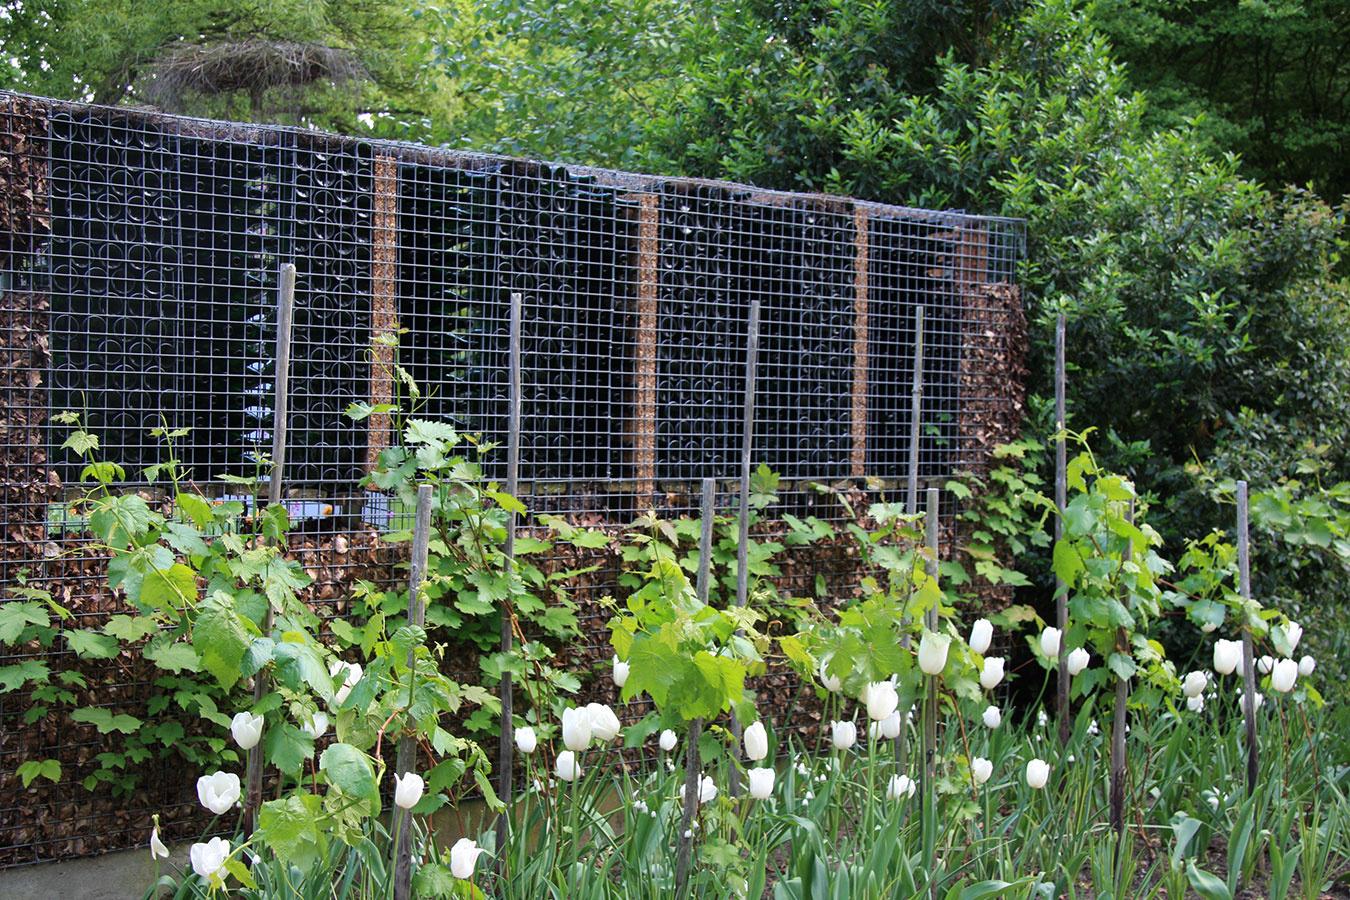 Sklené fľaše z vína, ktoré plánujete vyhodiť, môžu poslúžiť aj na založenie netradičného plota. Gabiony s takouto netradičnou výplňou sú vhodné do moderného mestského prostredia.